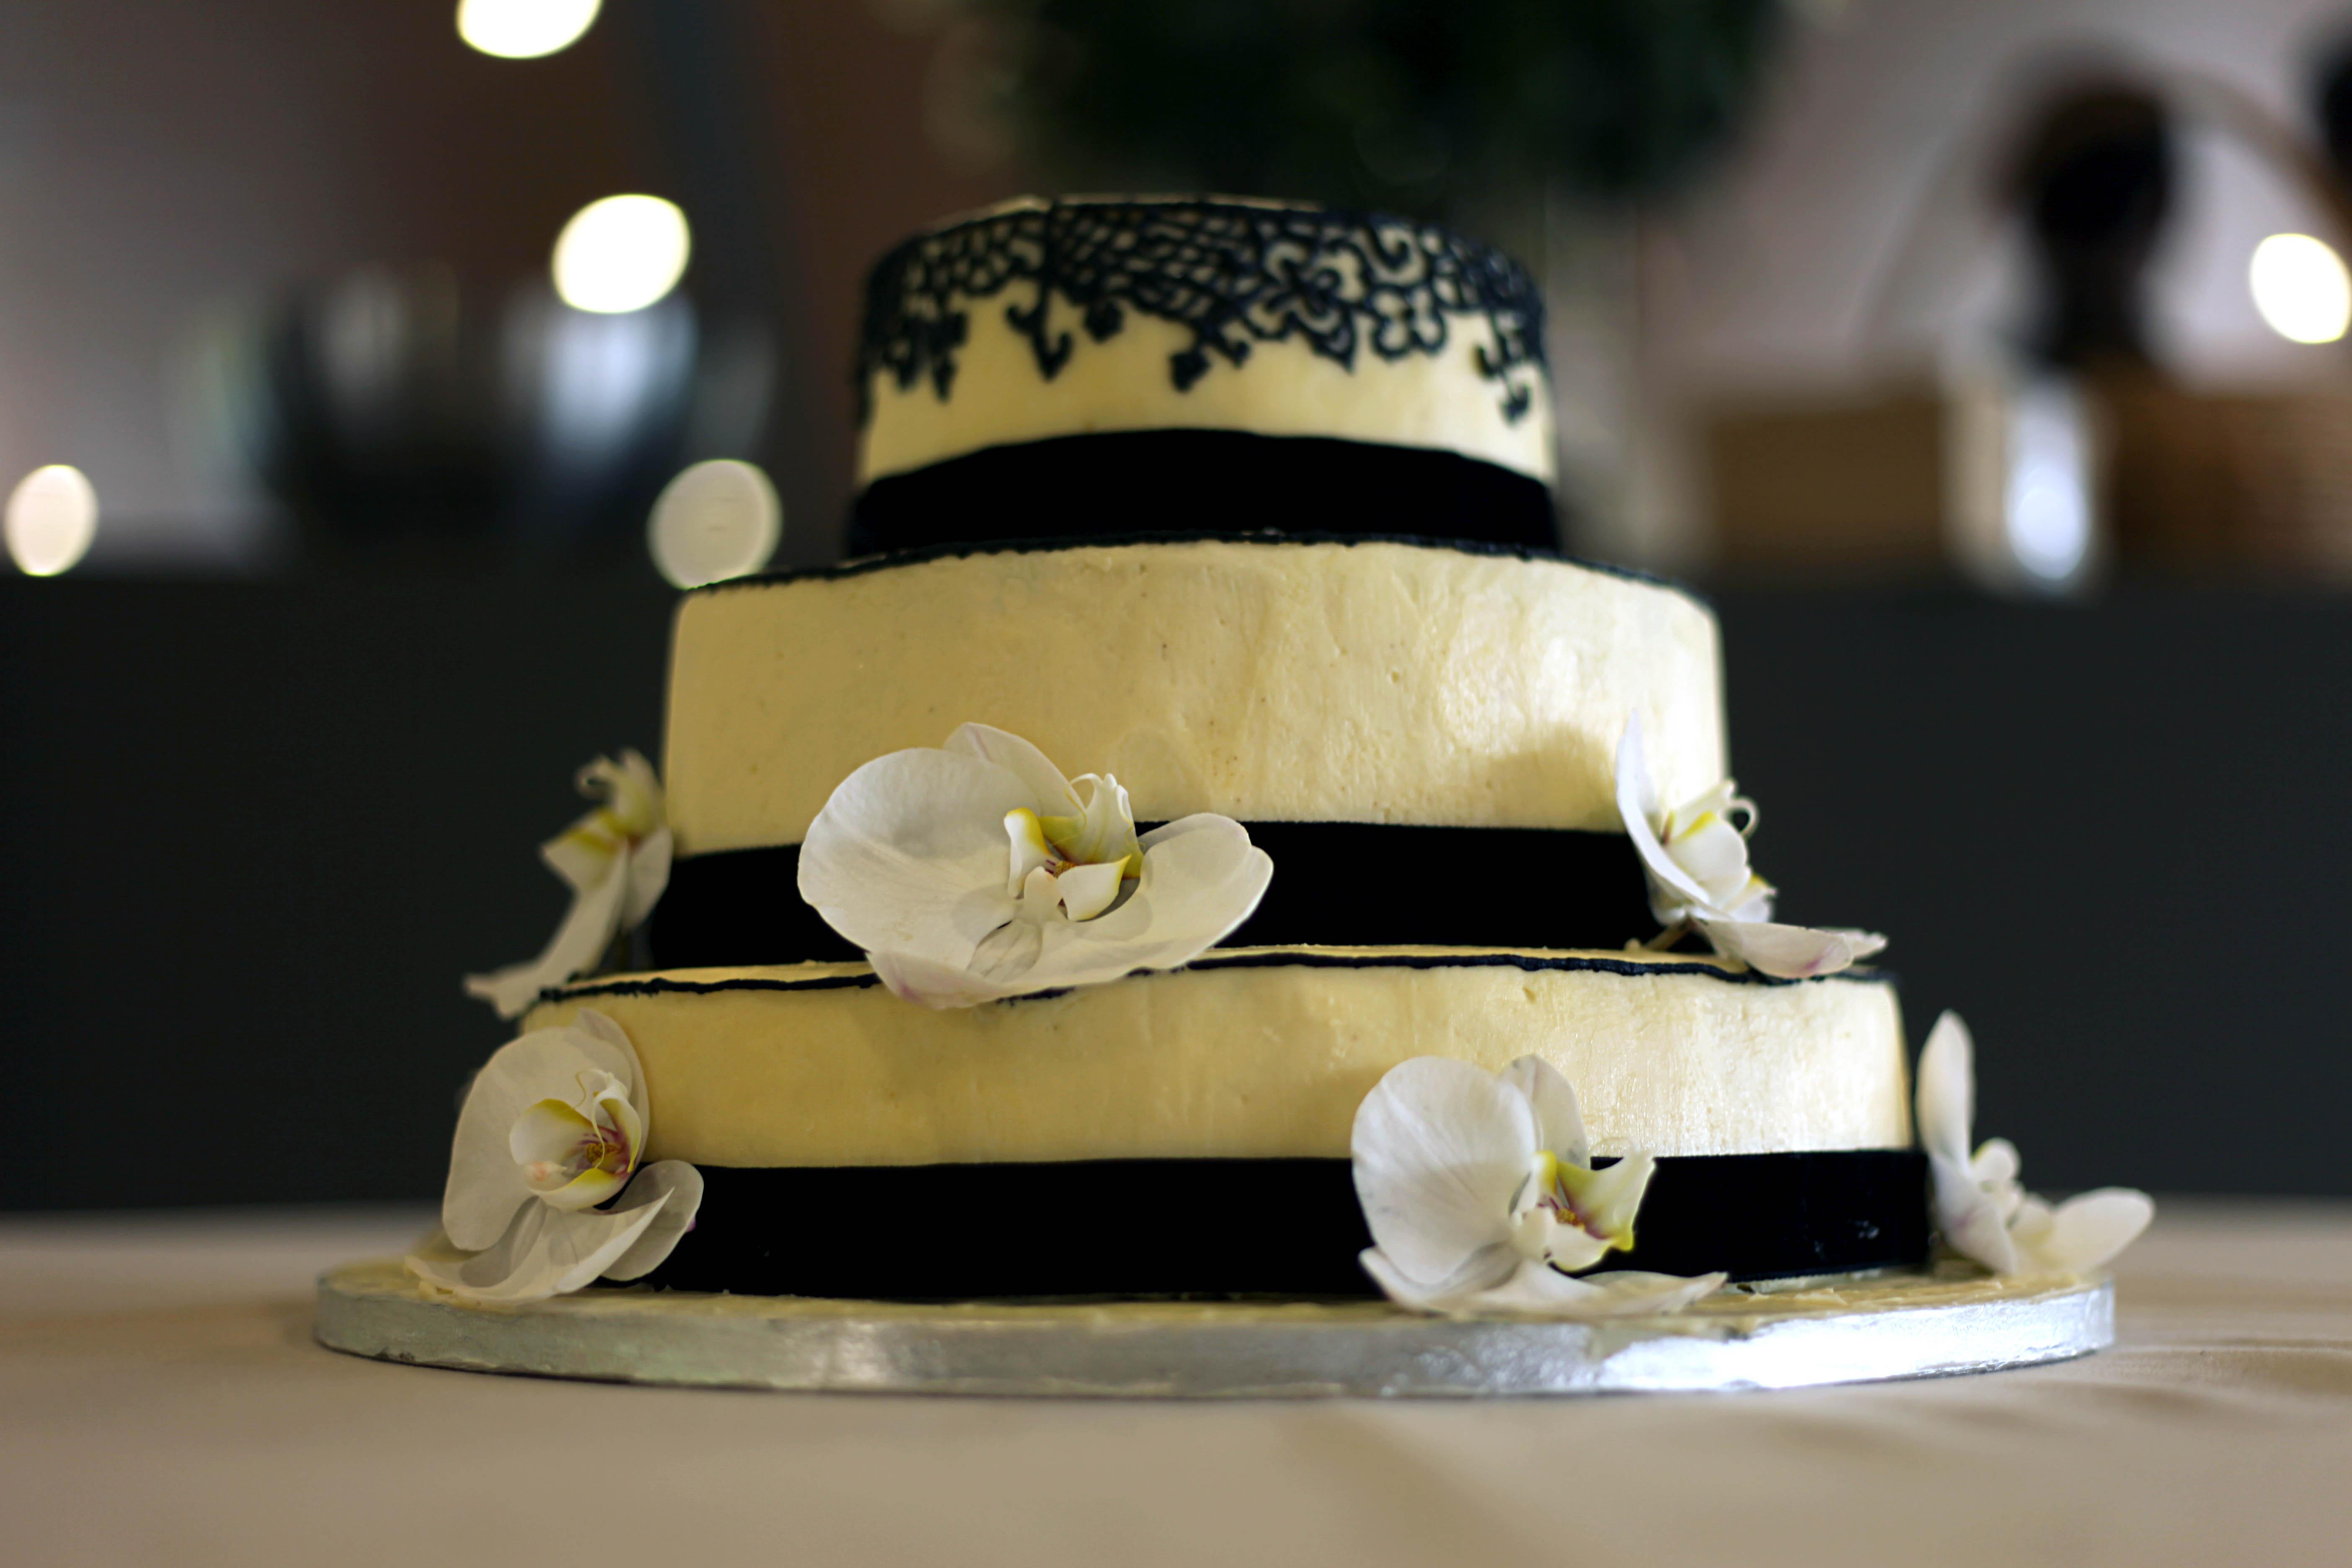 Thawing Wedding Cake